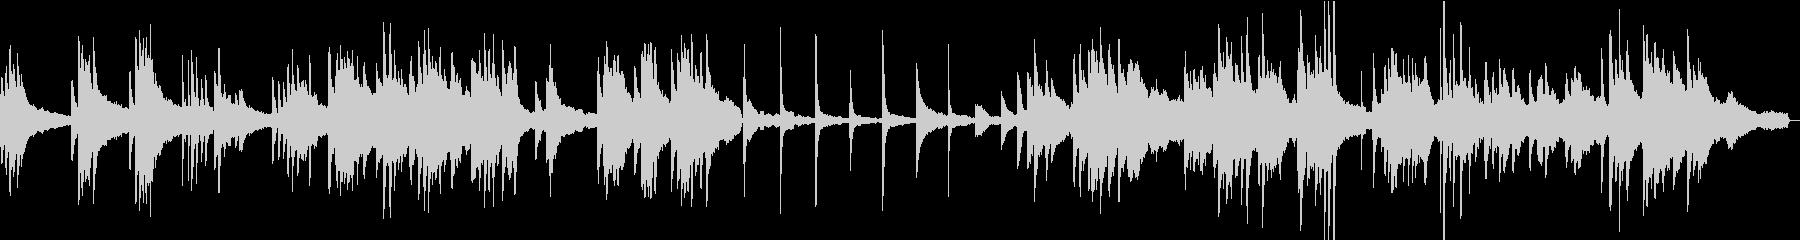 ヒーリングピアノ組曲 ただよう 6の未再生の波形